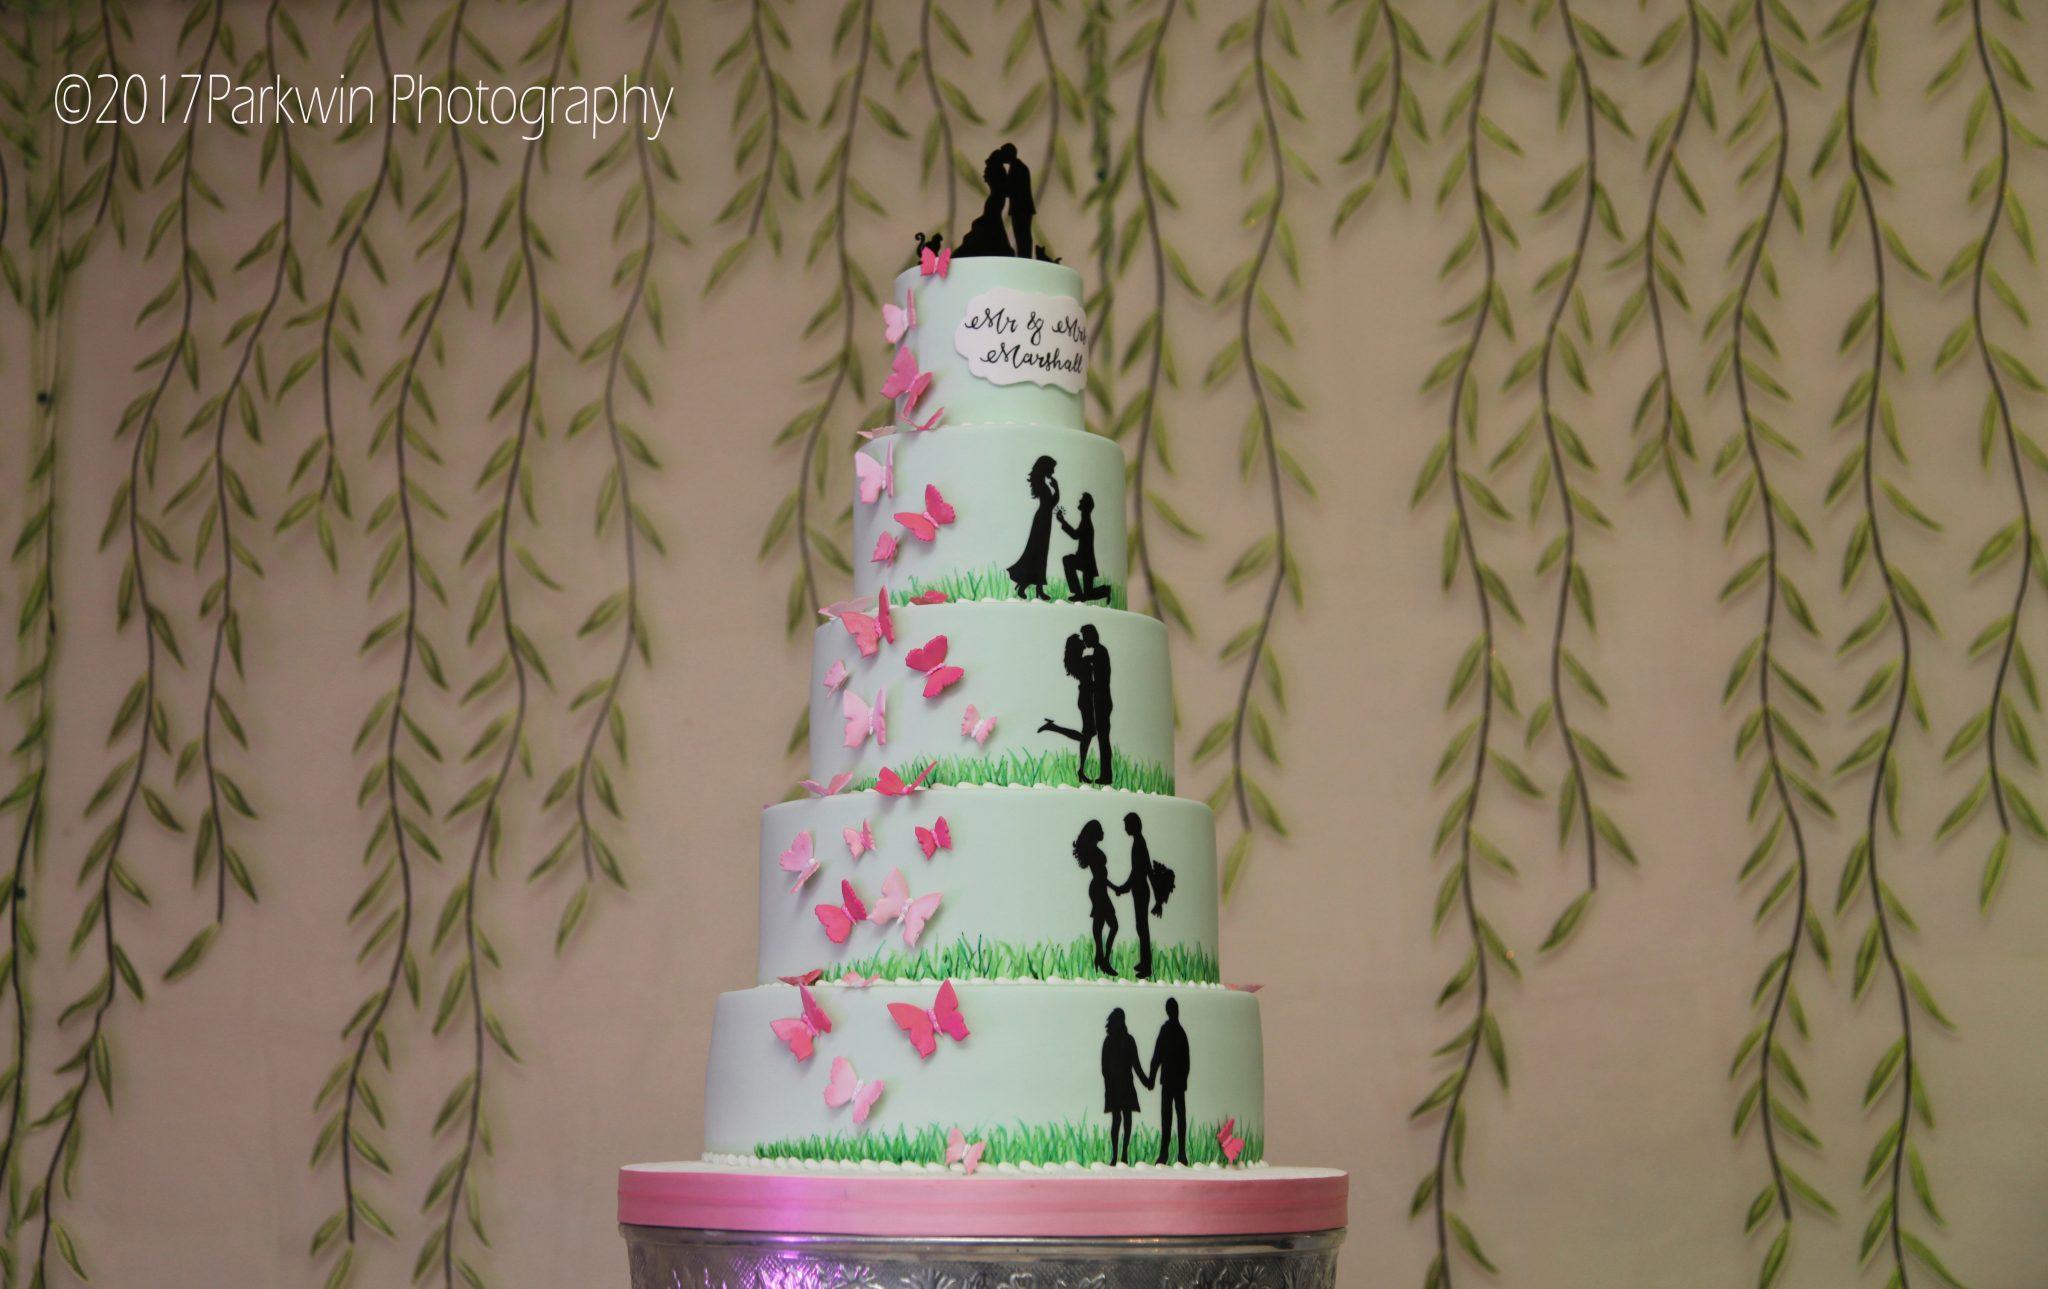 cake at Hunton Park wedding venue